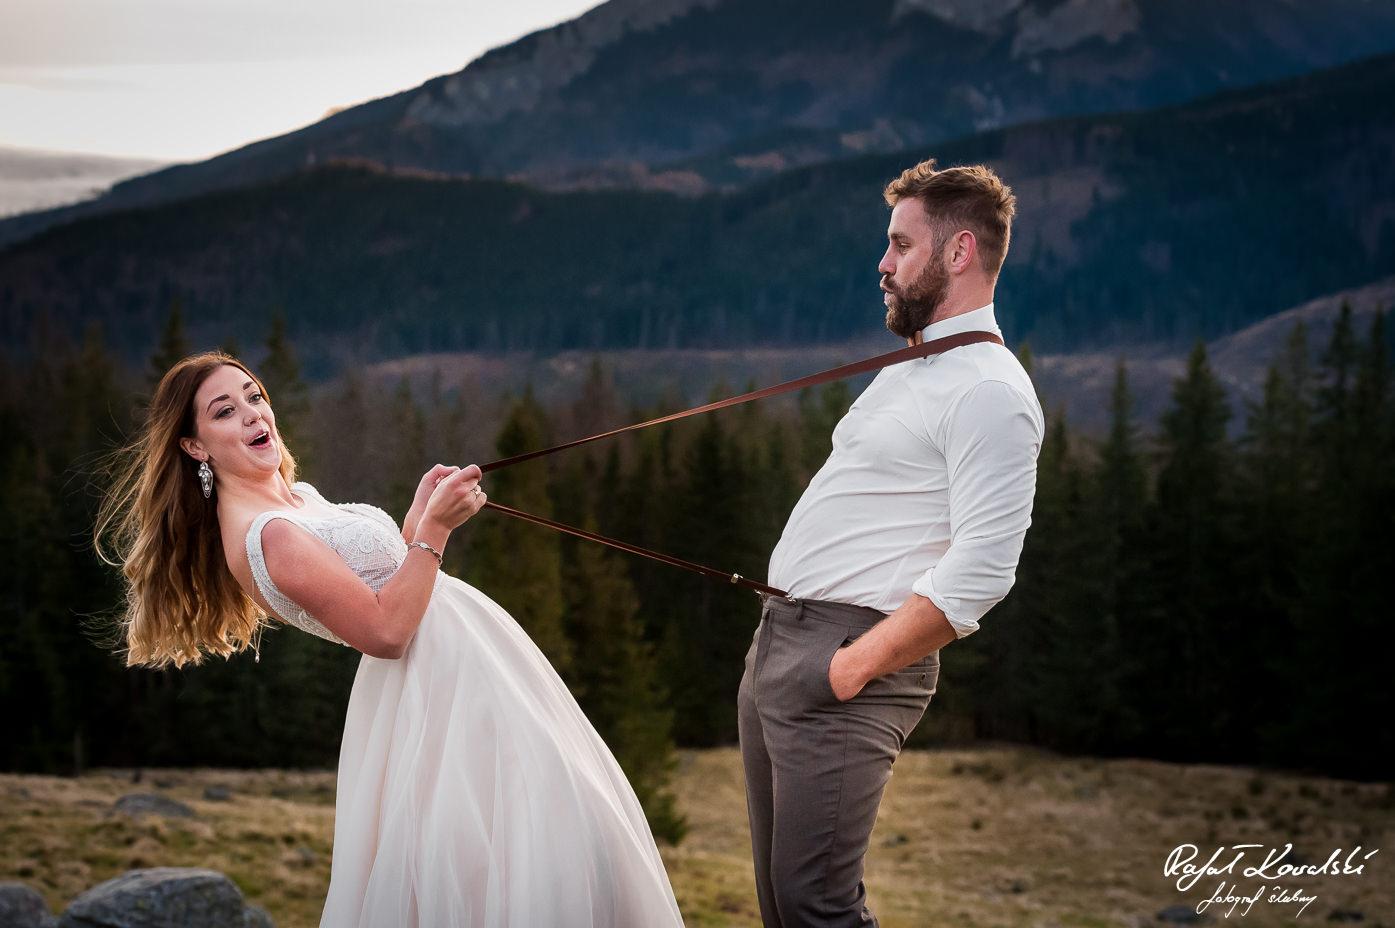 panna młoda sprawdza jak bardzo wytrzymałe są szelki jej męża